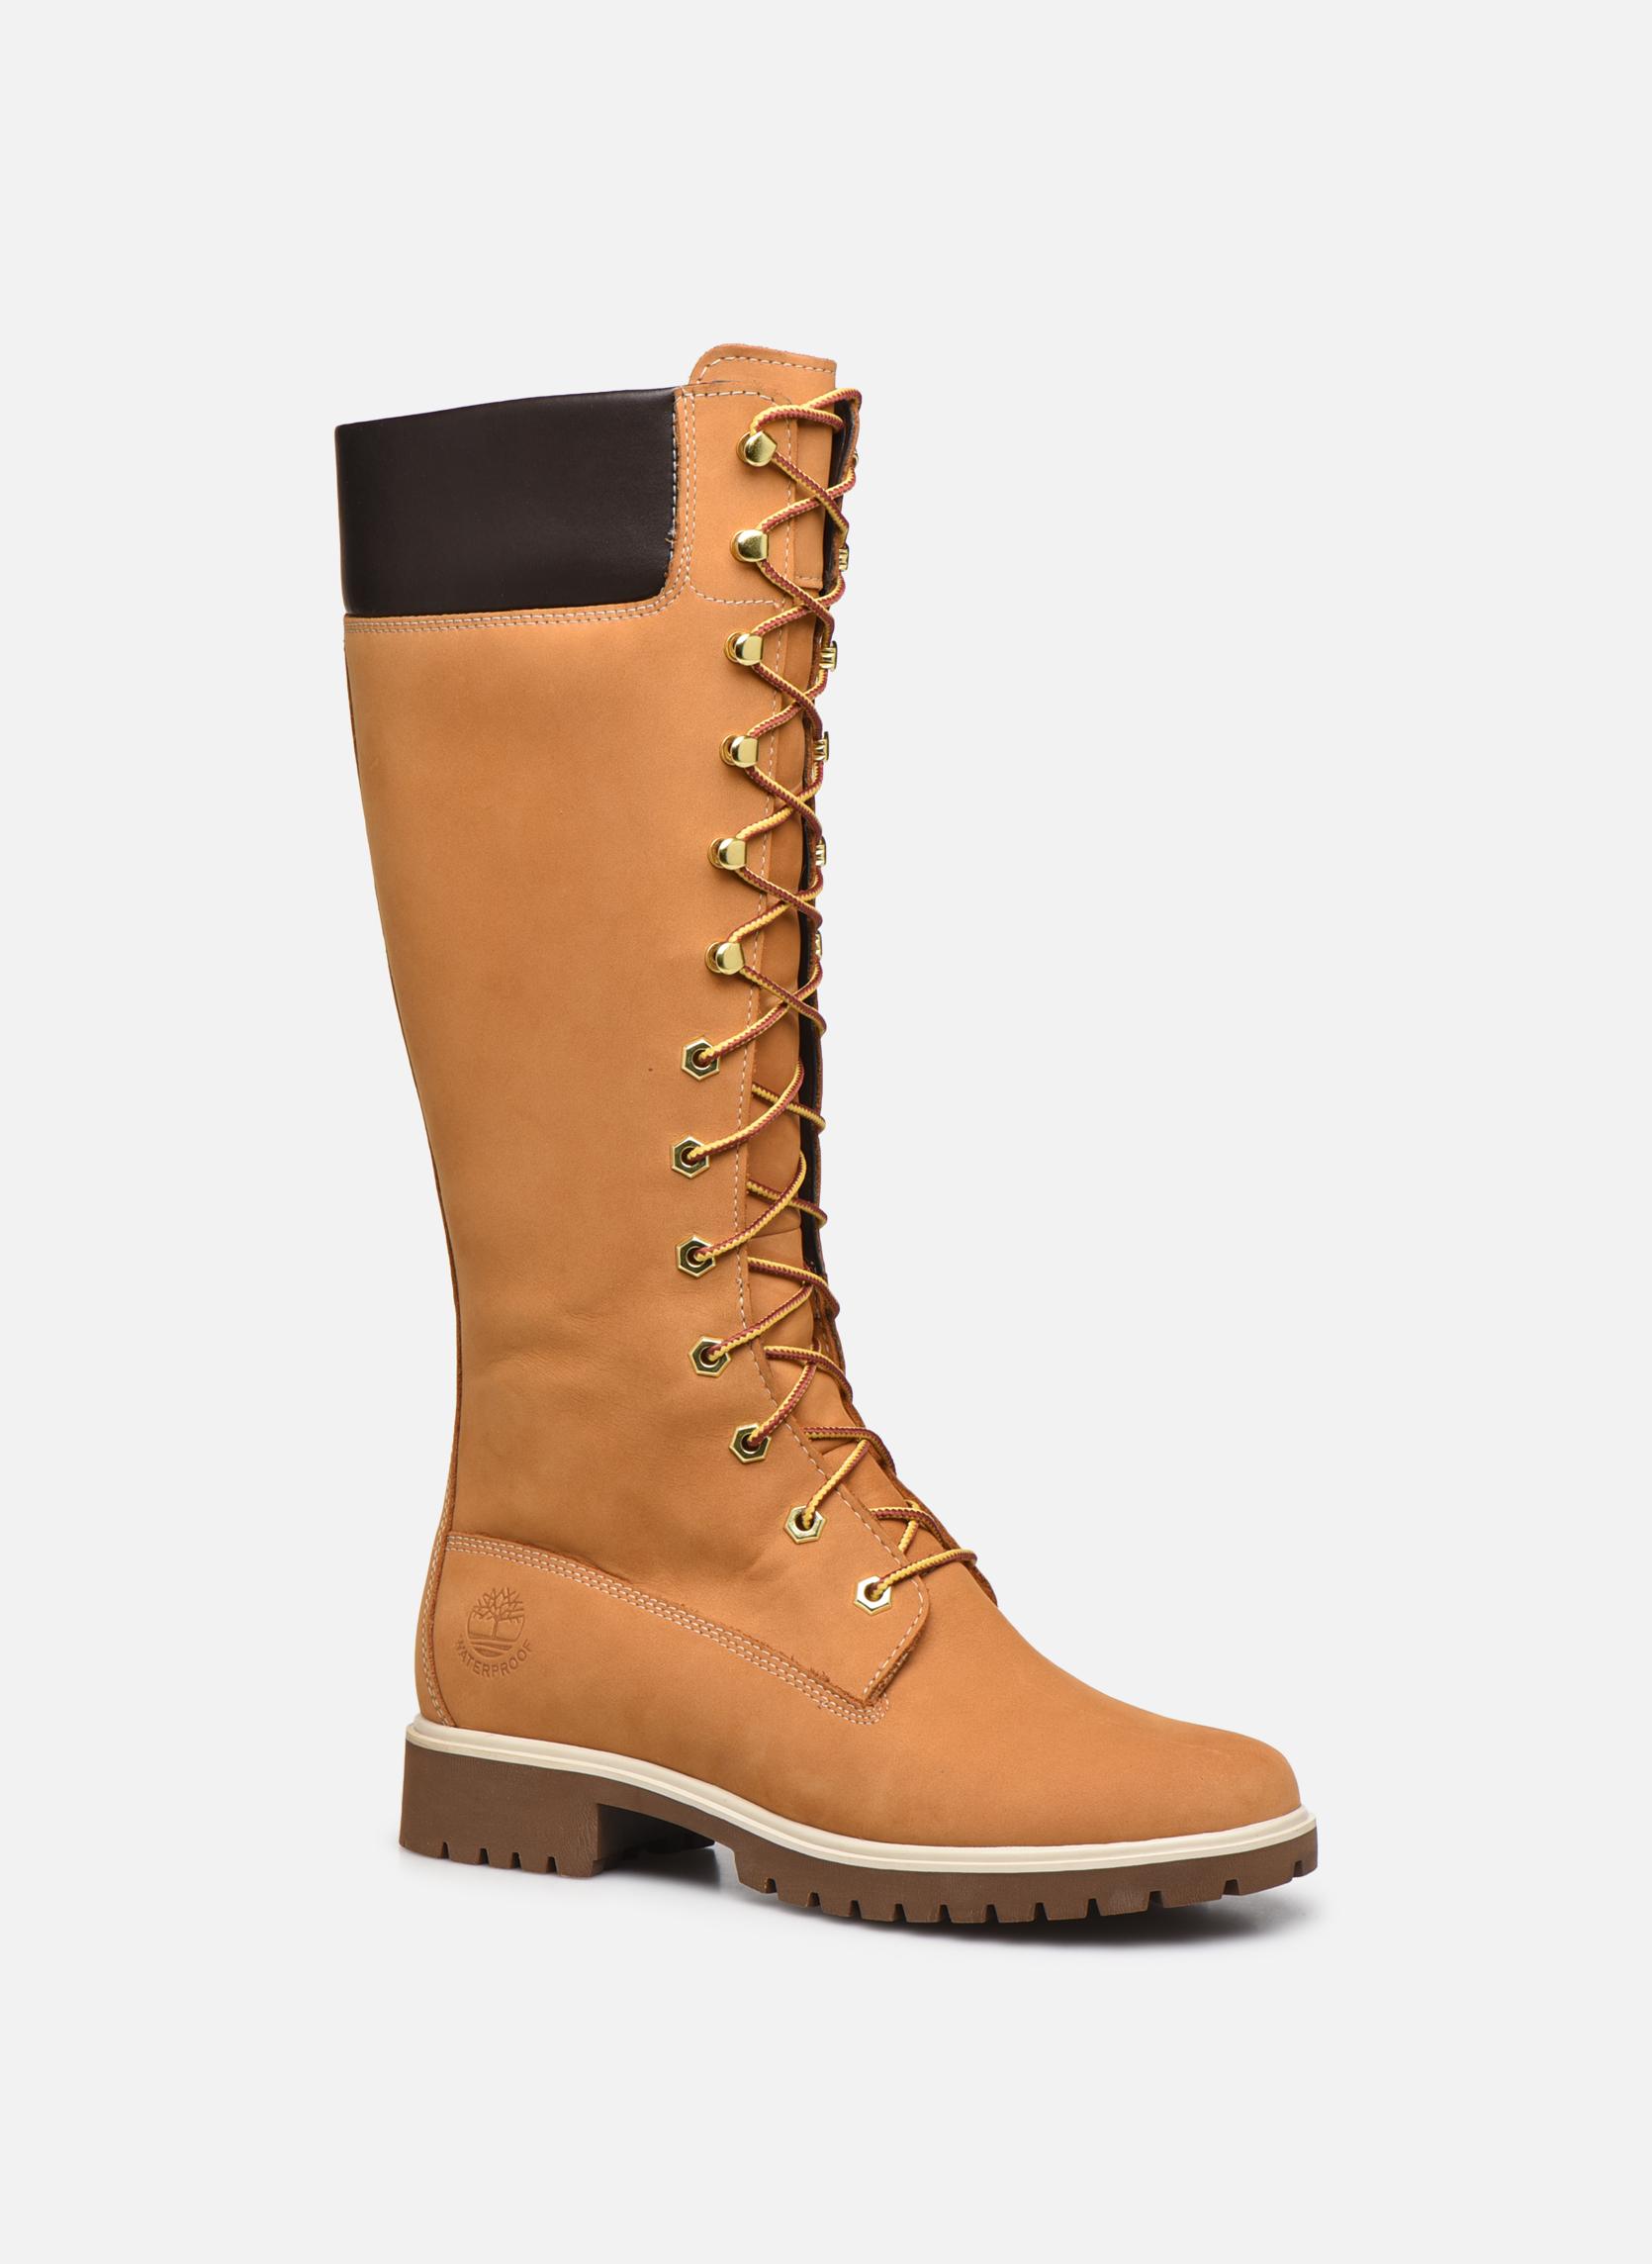 Timberland Womens Premium 14 inch